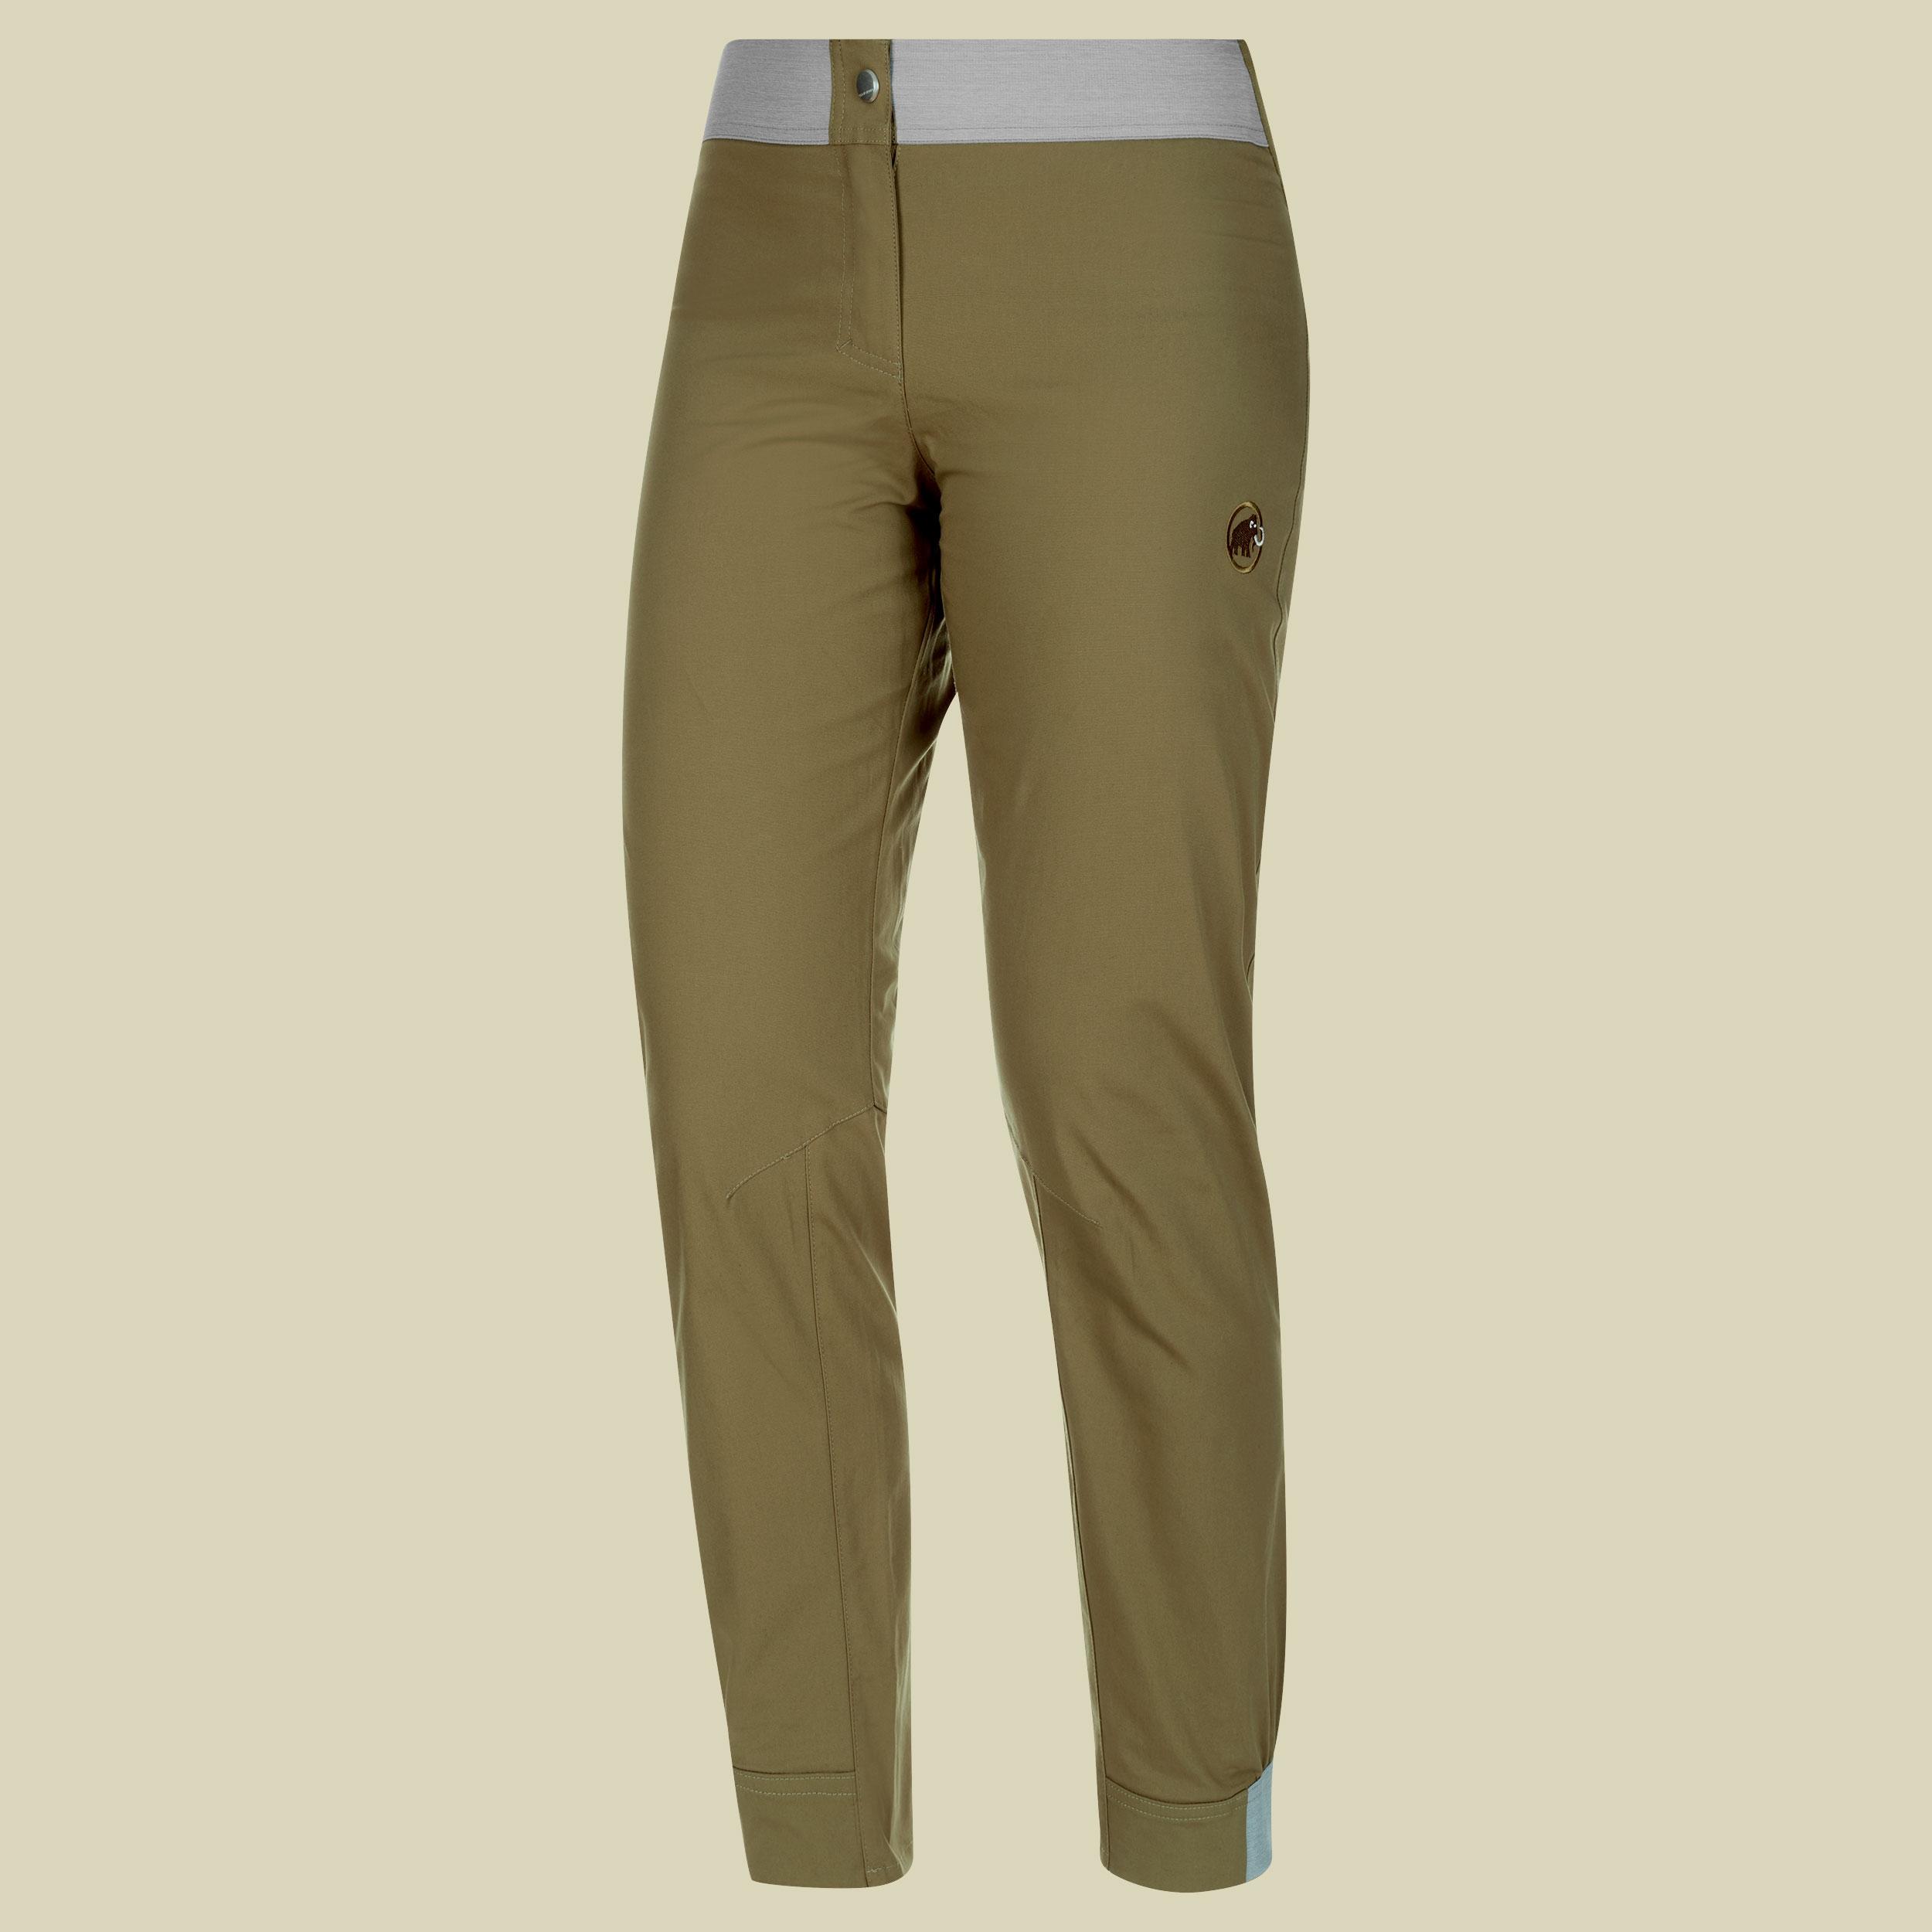 Image of Mammut Alnasca Pants Women Damen Kletterhose Größe 42 olive